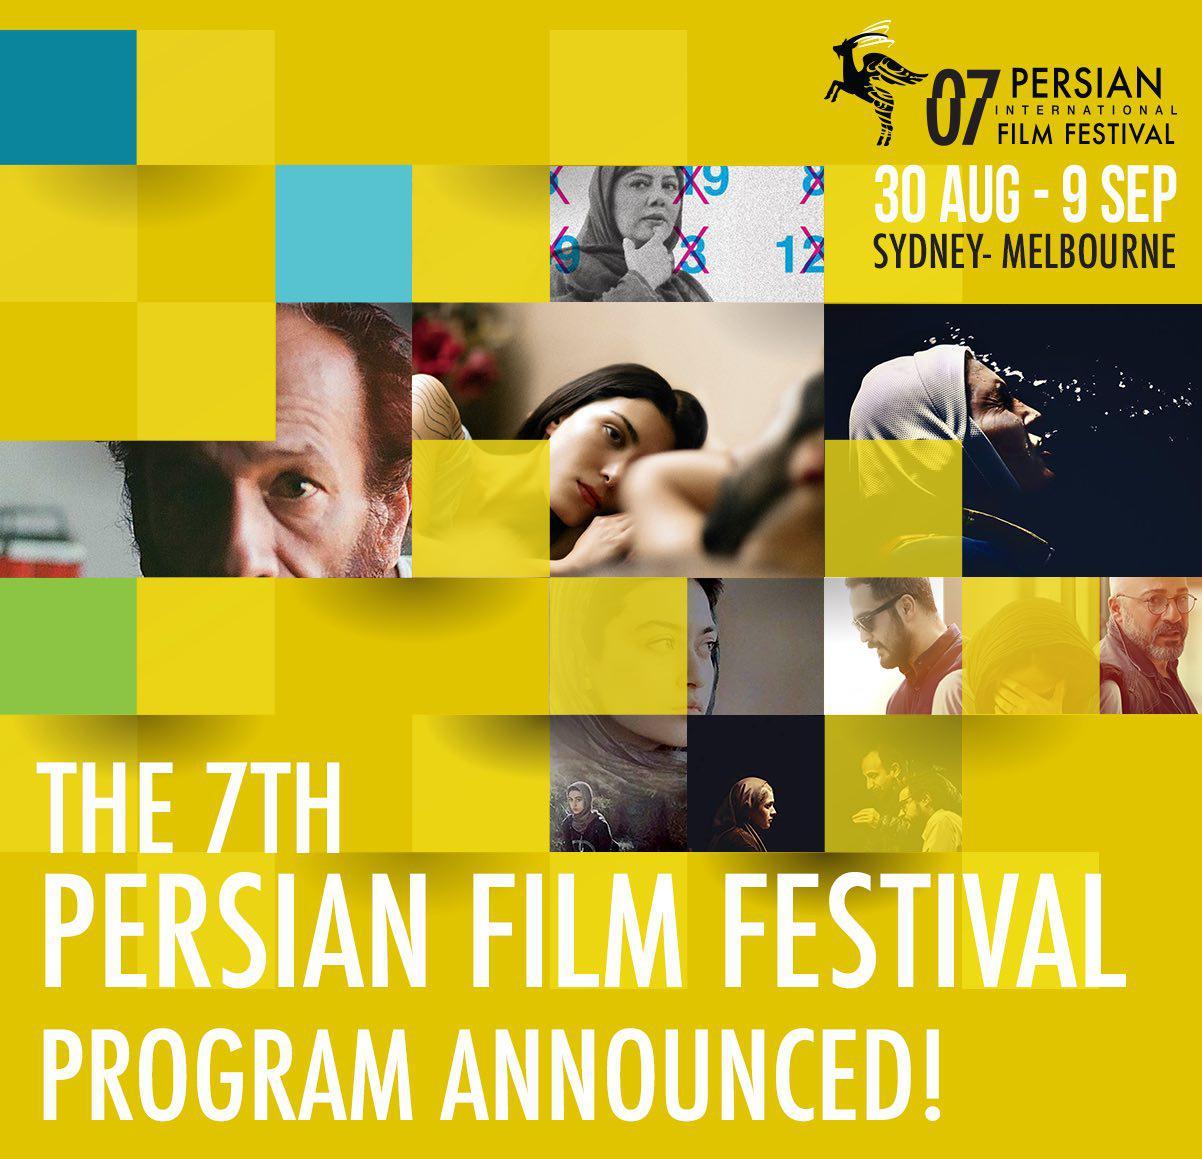 برنامه جشنواره جهانی فیلم پارسی در سیدنی و ملبورن